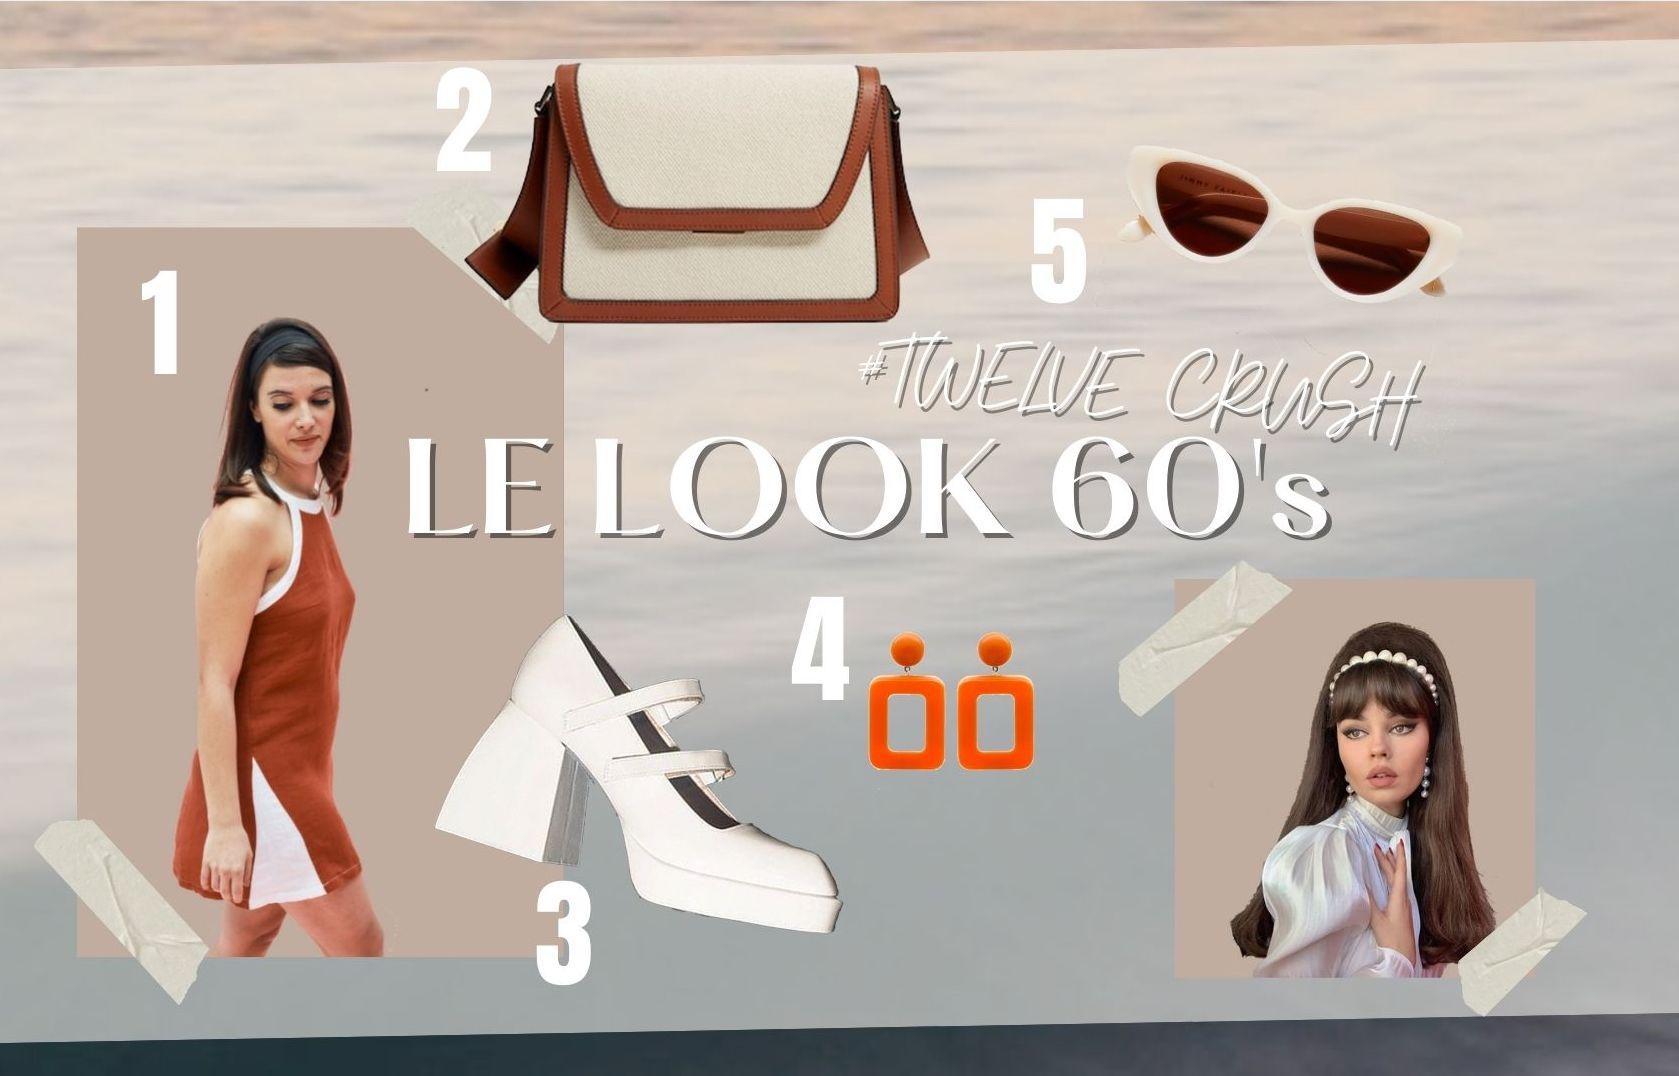 #Twelve Crush : Le look 60's plus en vogue que jamais